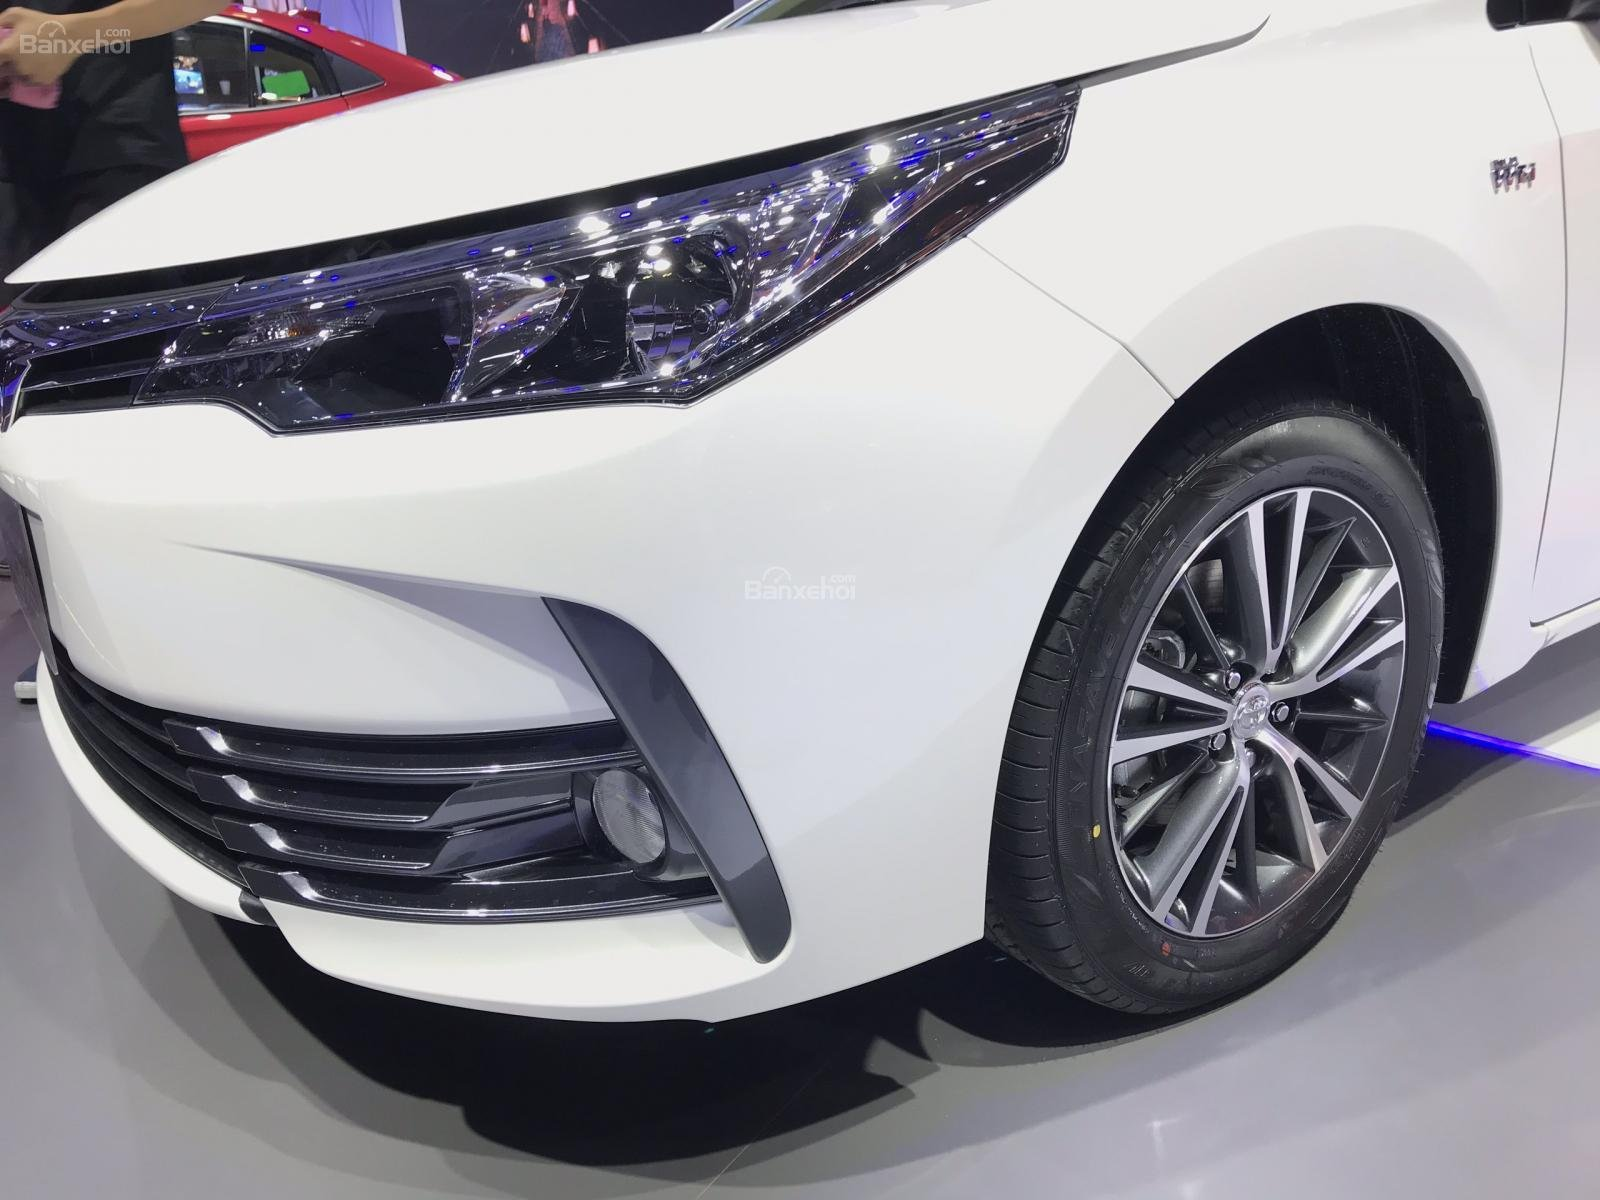 Bán Toyota Corolla Altis 2019 1.8G AT ưu đãi khủng, đủ màu giao ngay, gọi 0902.1717.20 nhận khuyến mãi khủng-4